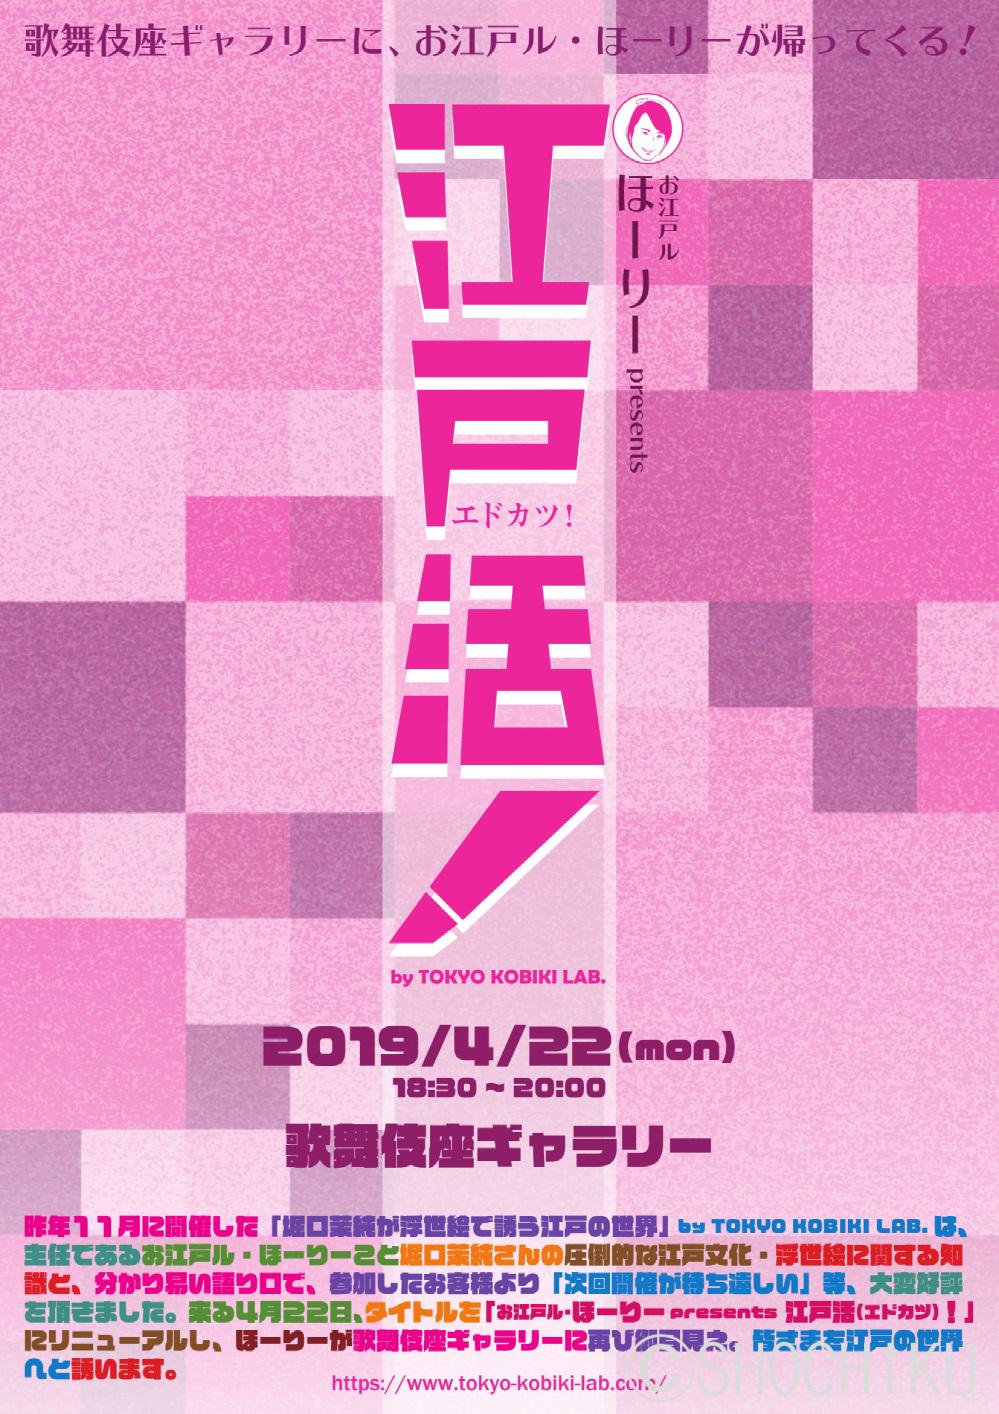 歌舞伎座ギャラリー「お江戸ル・ほーりーpresents 江戸活(エドカツ)!」のお知らせ